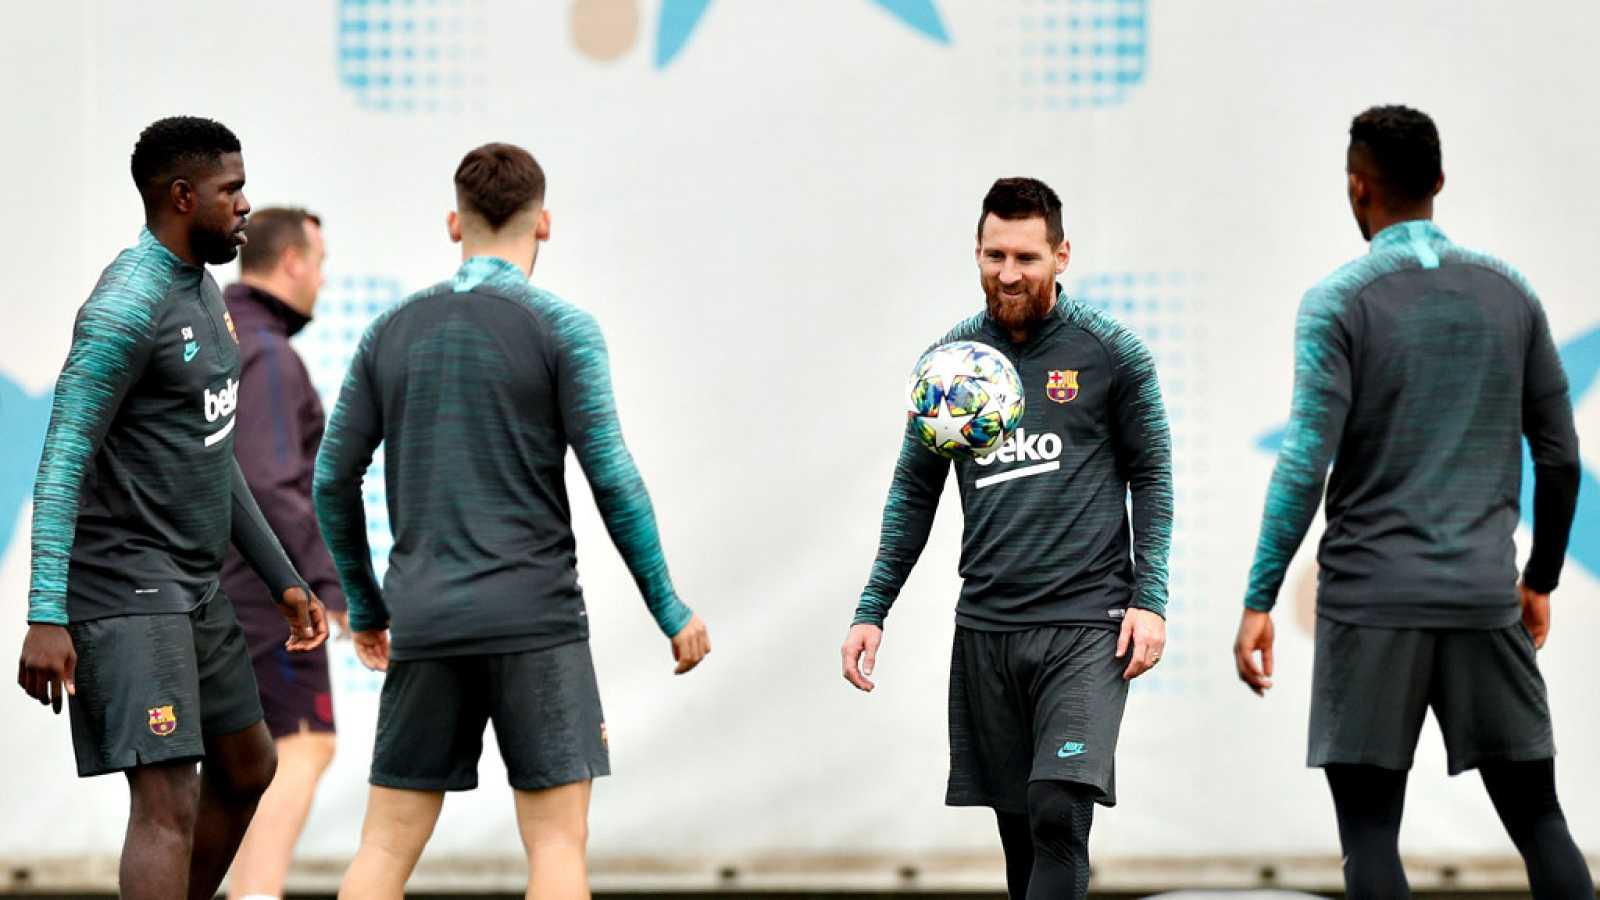 El mítico jugador checoslovaco le pide al Barça y a Valverde que exhiban su estilo 'tiki-taka' en el duelo de Champions que enfrenta a los culés con el Slavia de Praga.